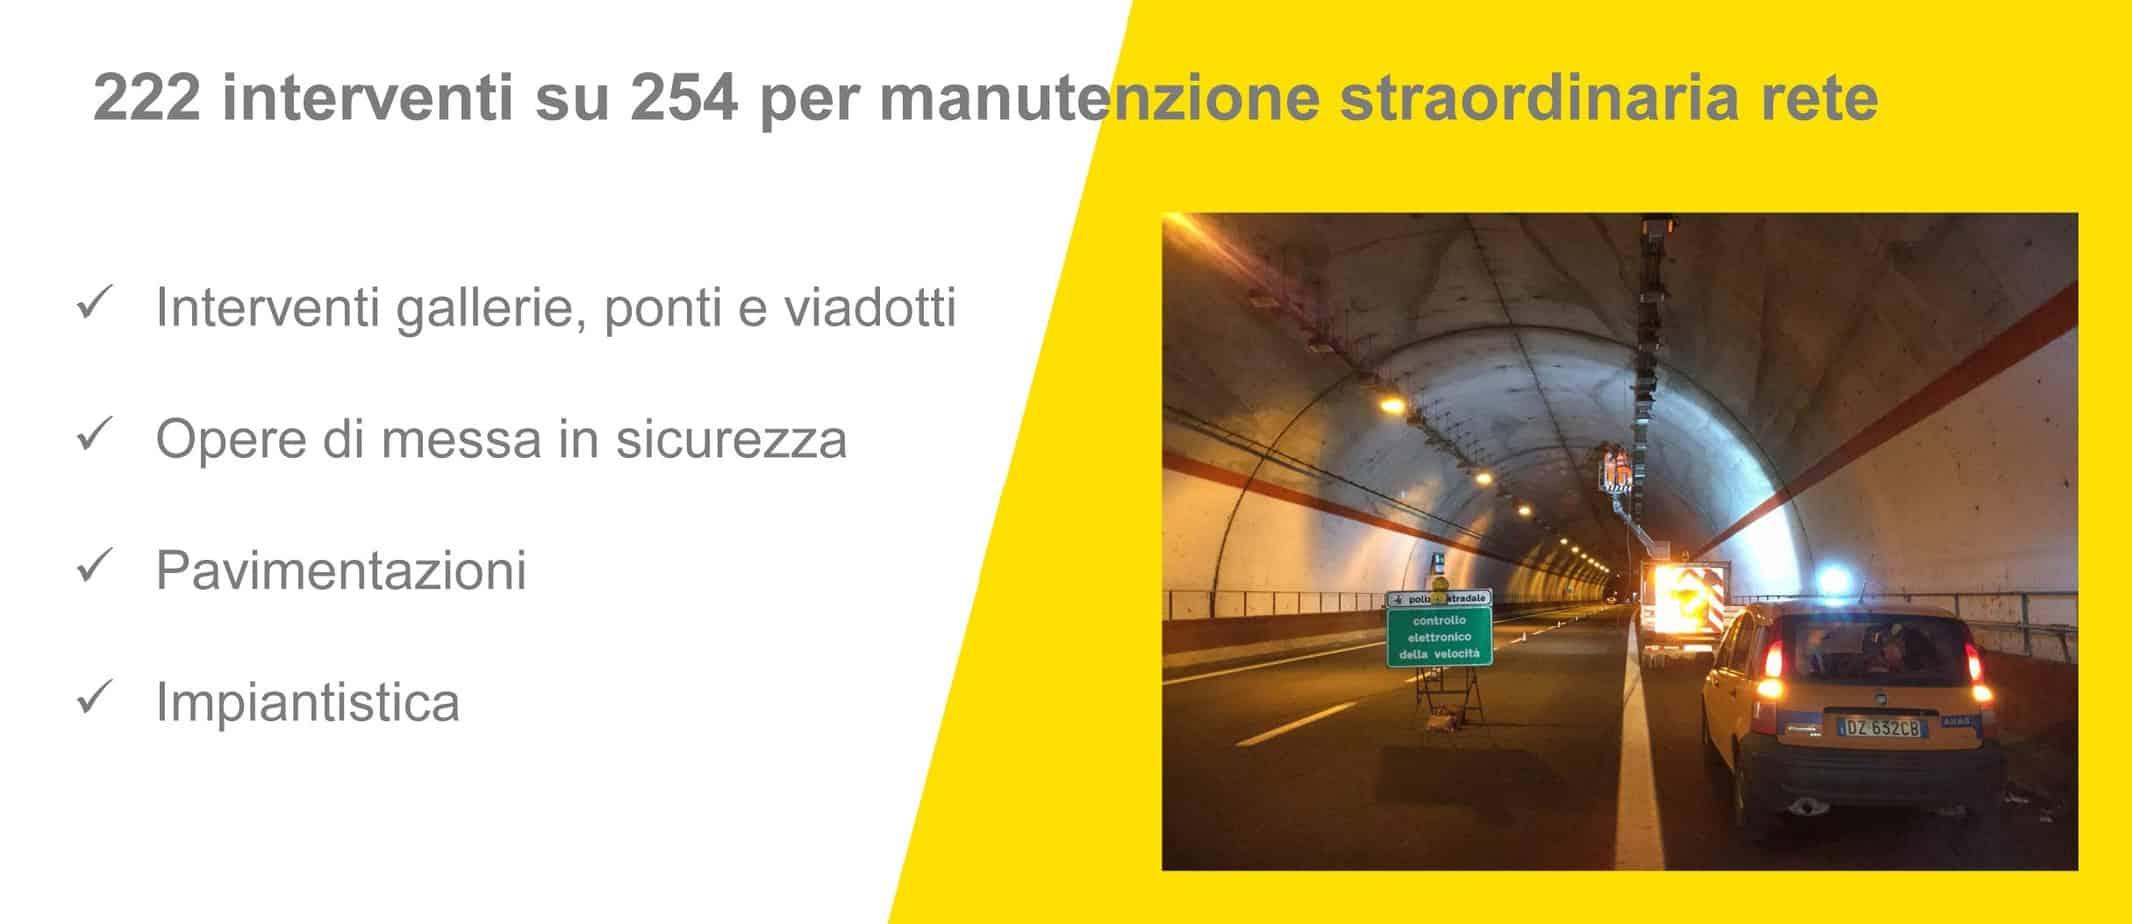 Gianni vittorio armani l uomo che velocizza l italia - Interventi di manutenzione straordinaria ...